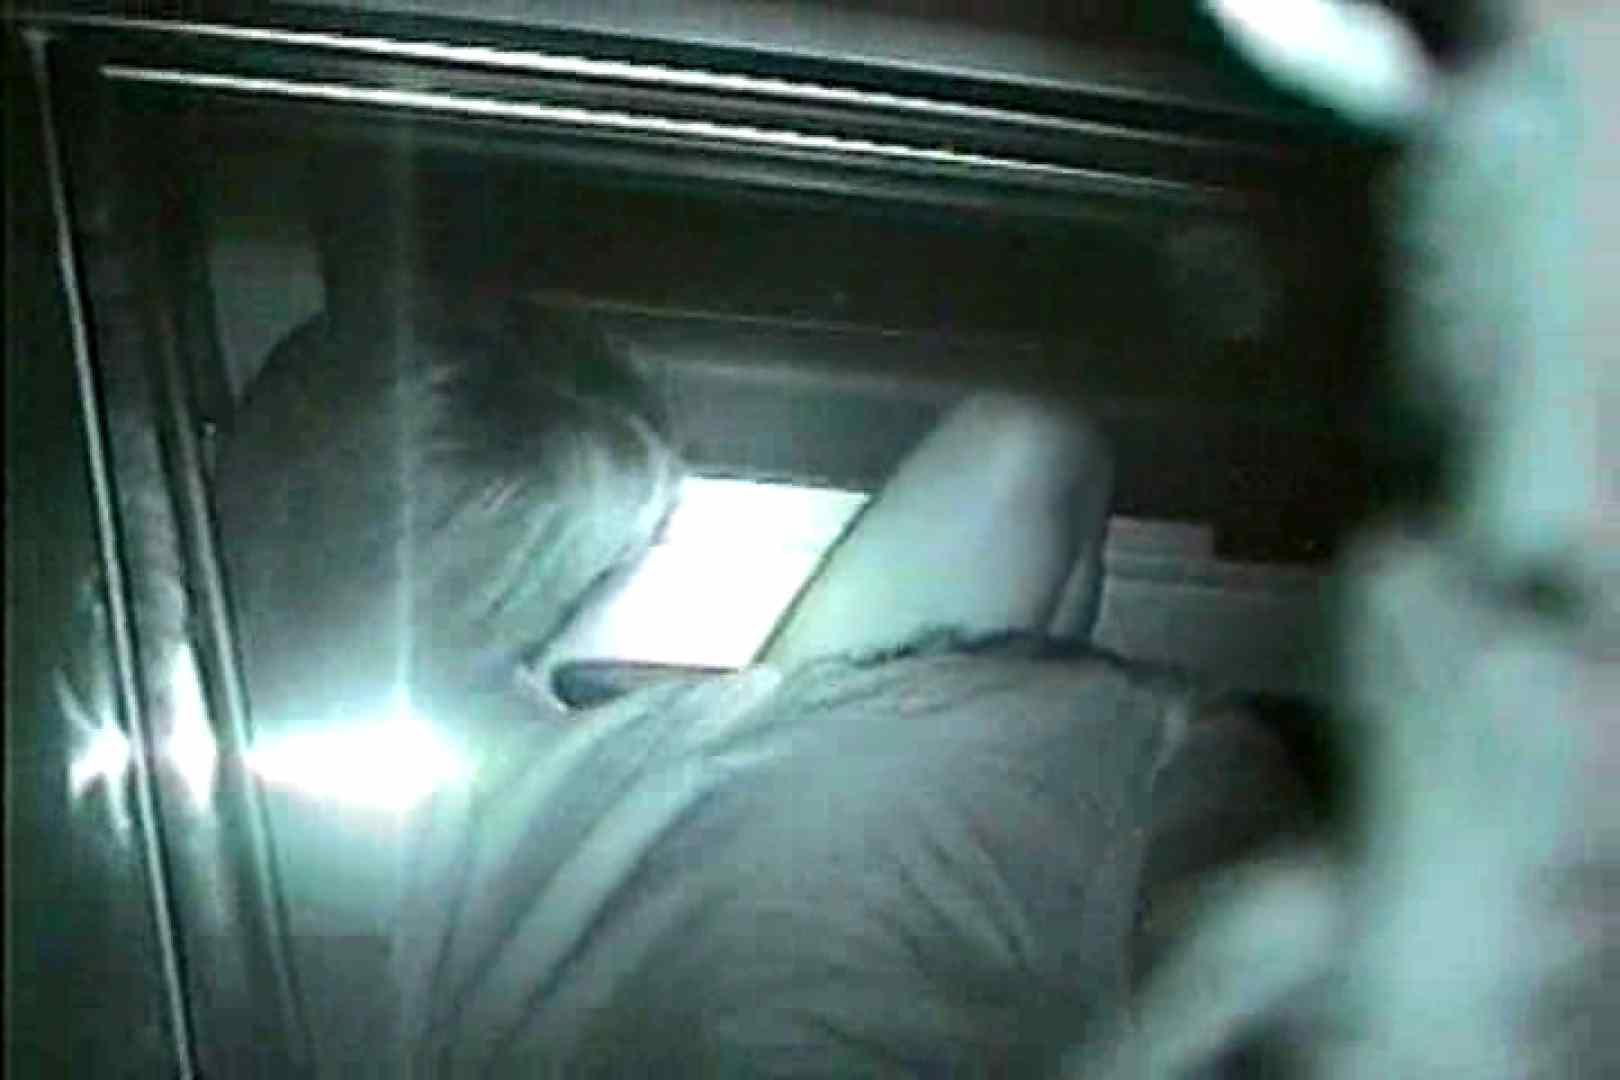 車の中はラブホテル 無修正版  Vol.6 HなOL 性交動画流出 104pic 2